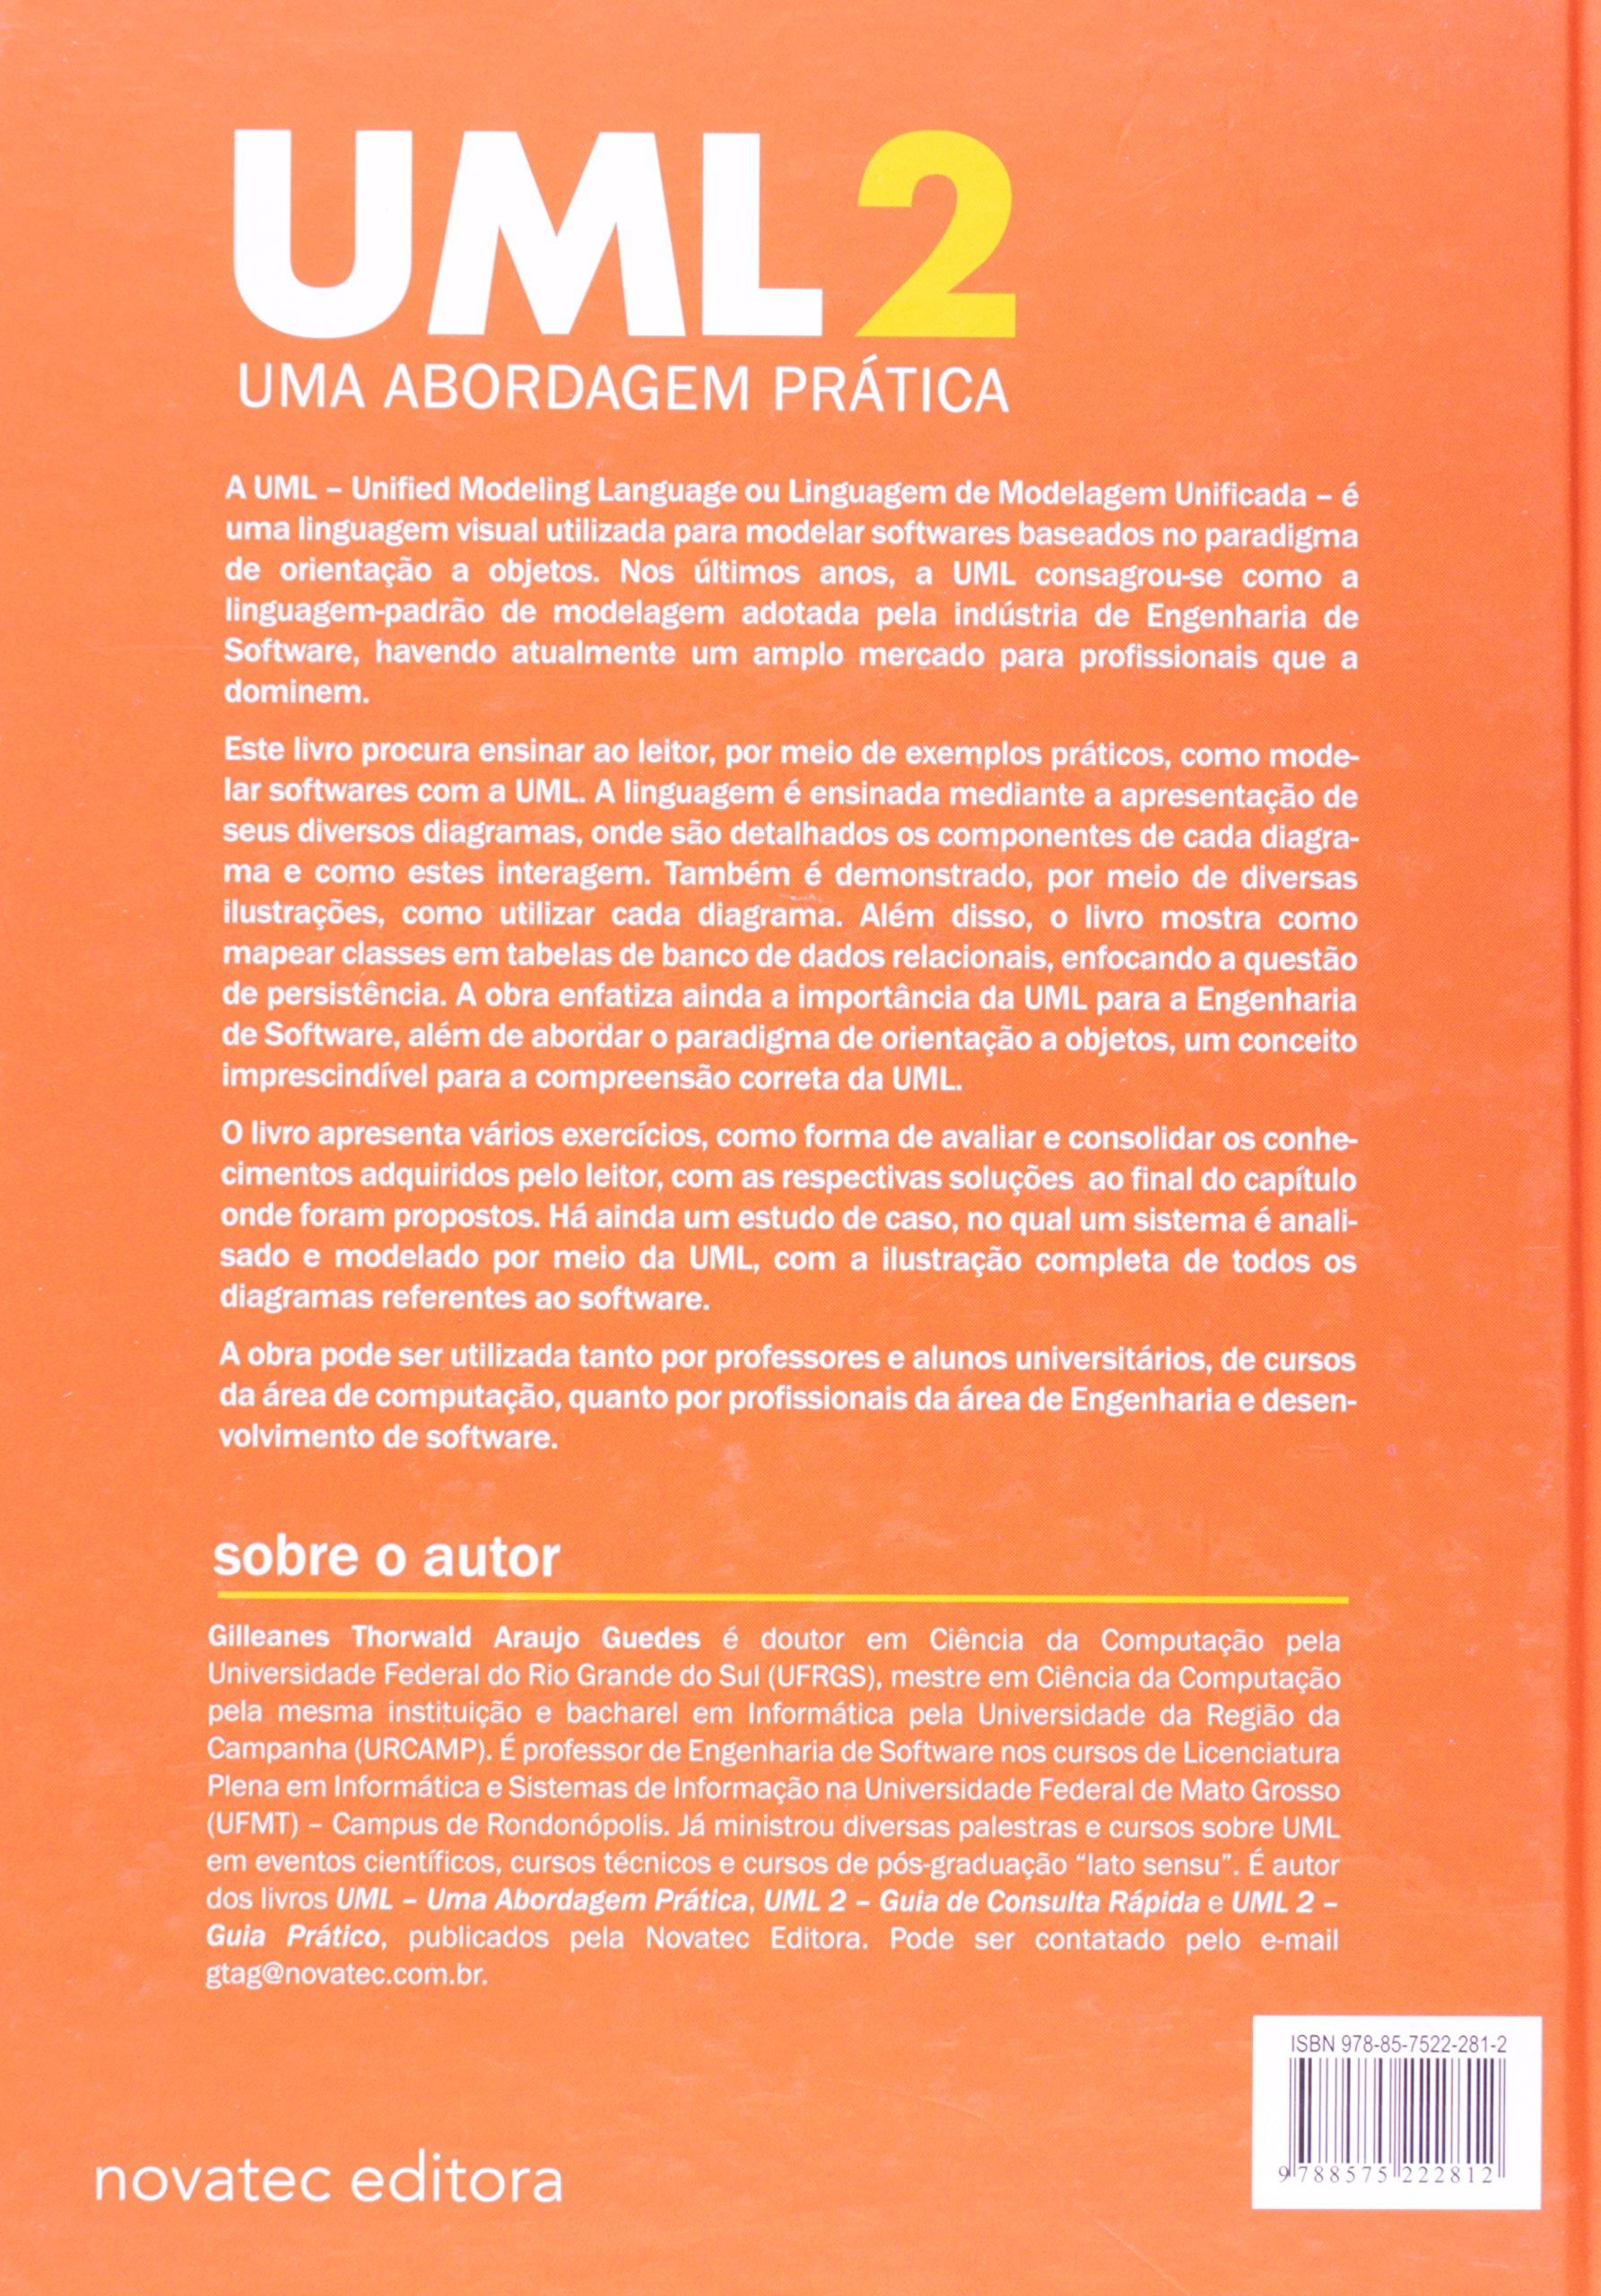 Livro Uml 2 Uma Abordagem Pratica Pdf